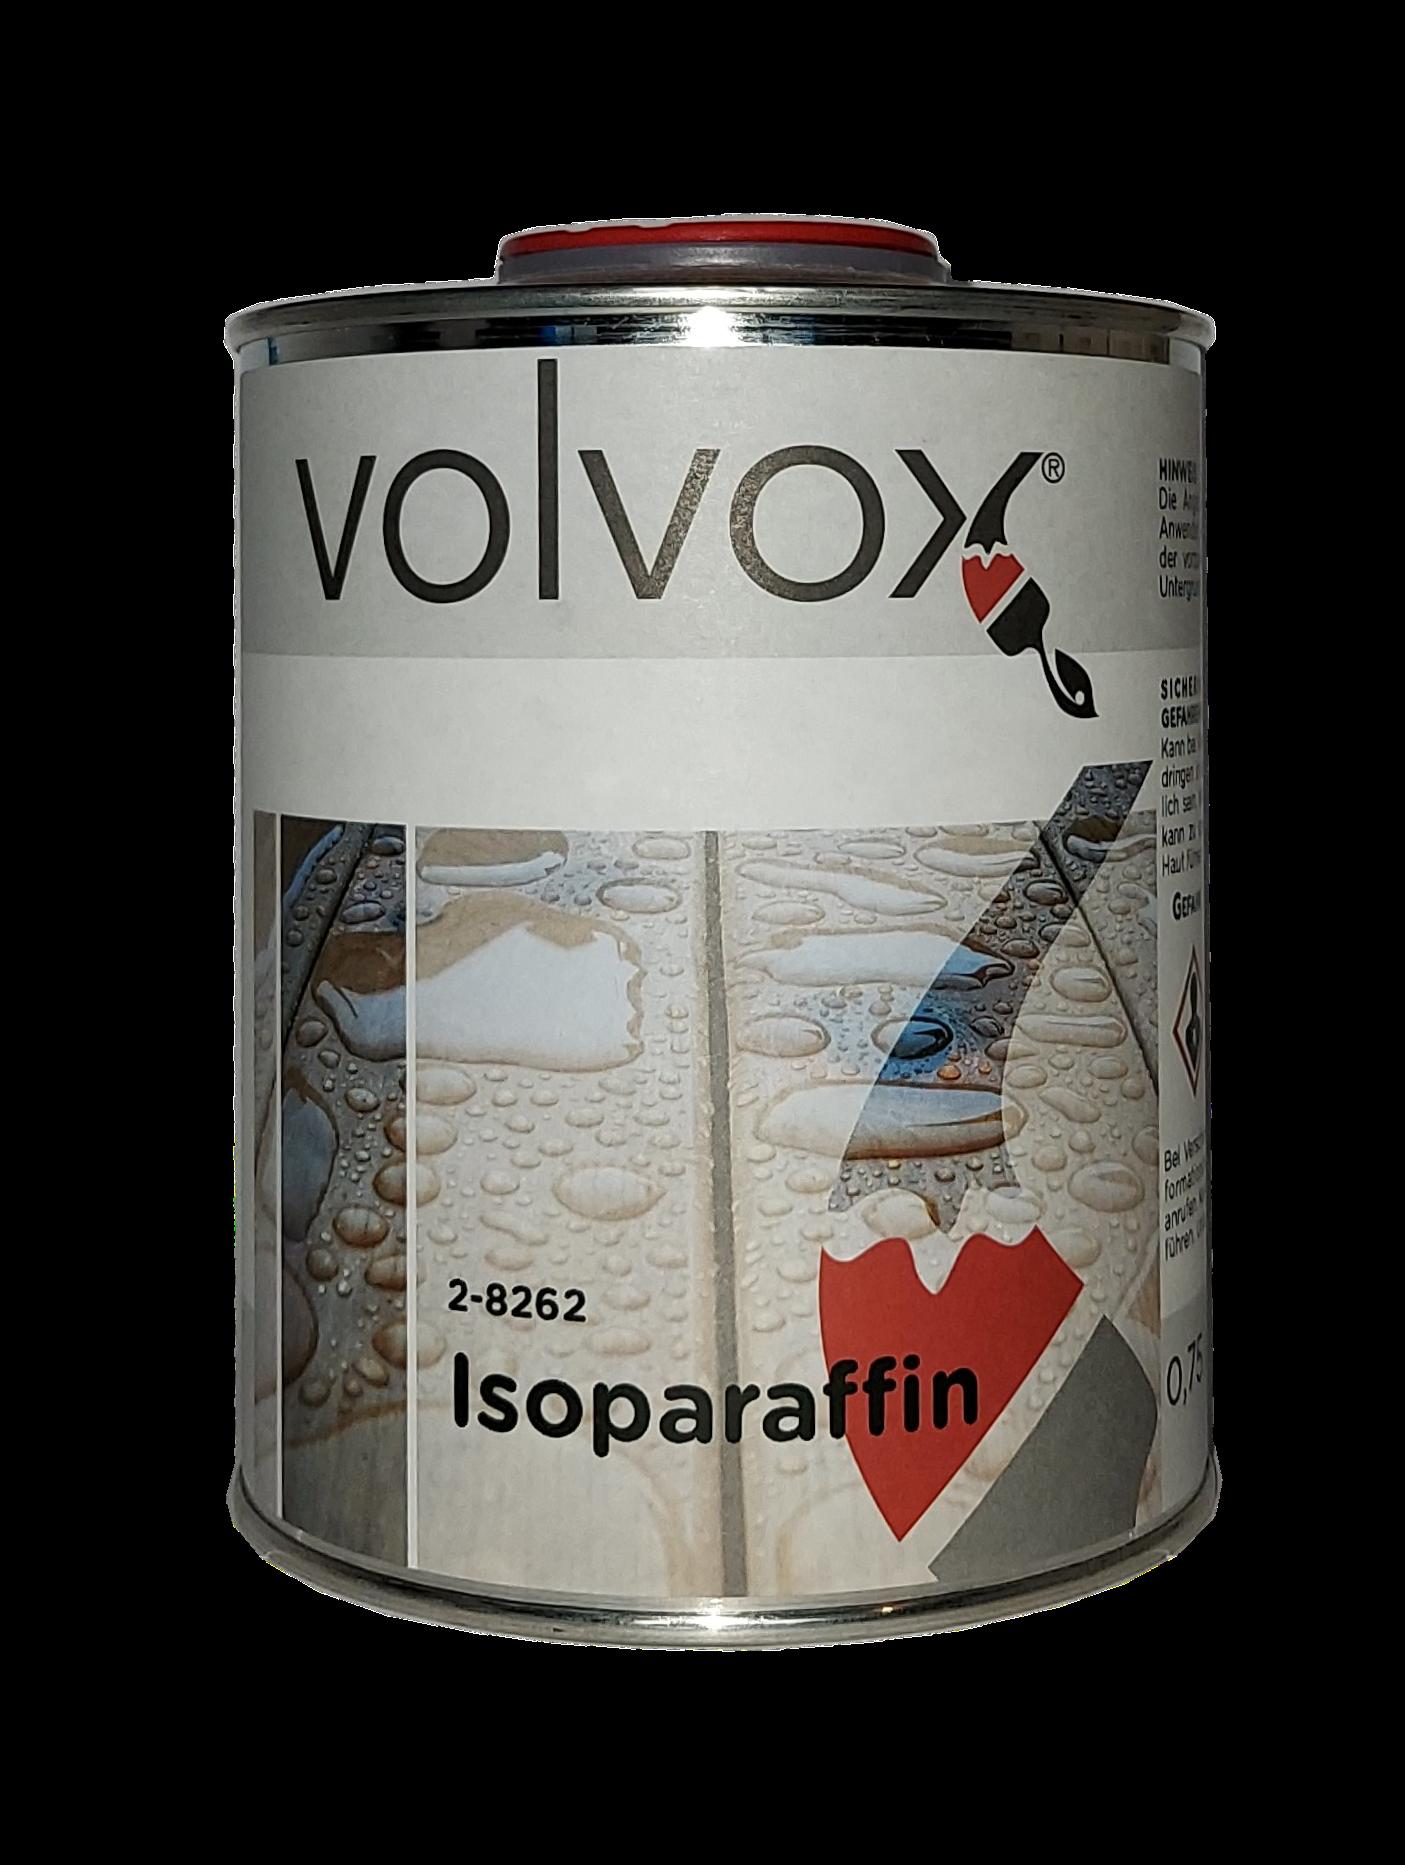 Volvox Isoparaffin